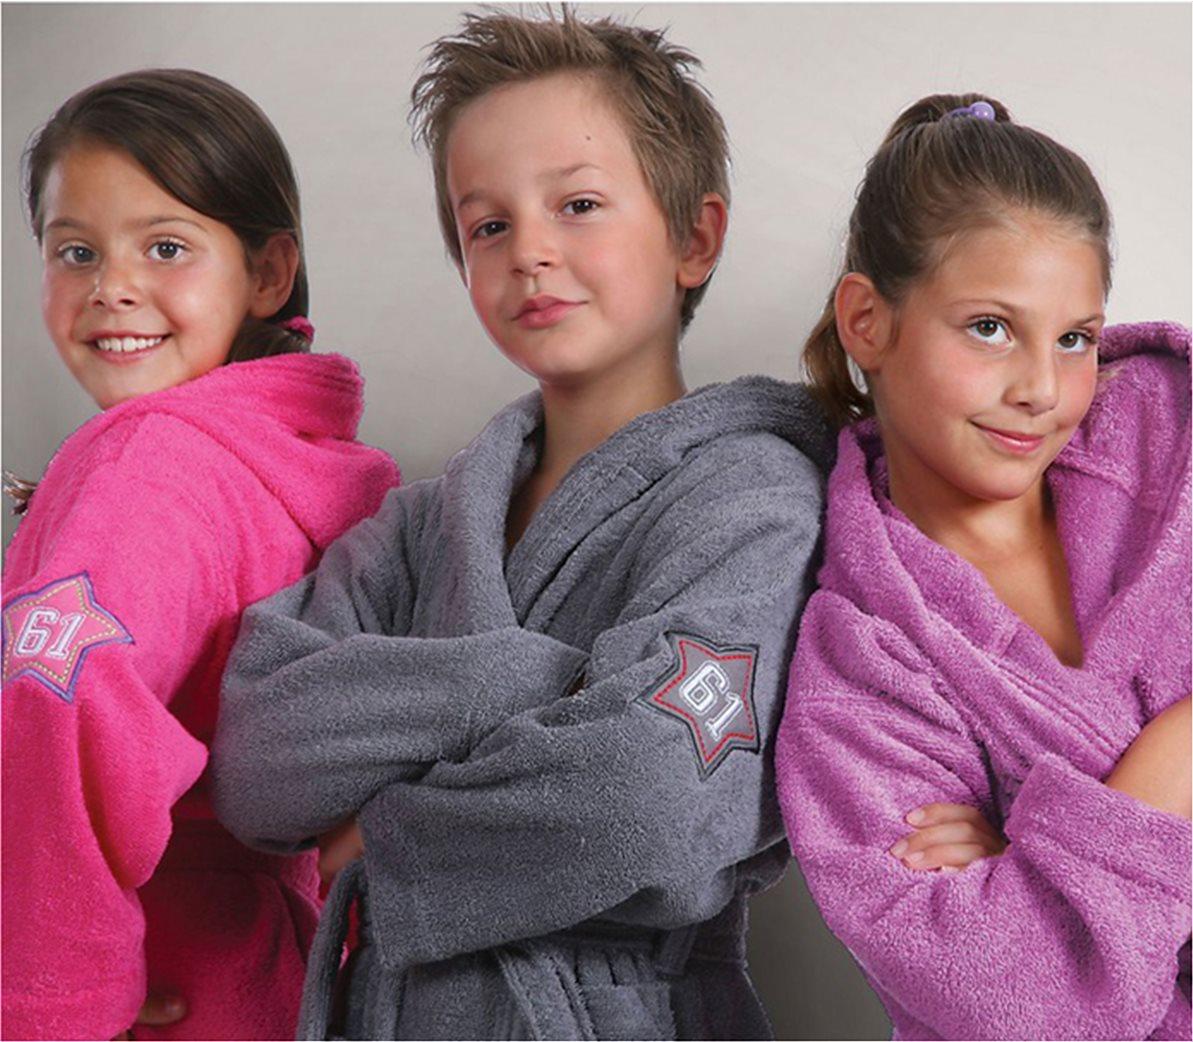 Παιδικό φούξια μπουρνούζι με κουκούλα (12 ετών) NEF-NEF 2